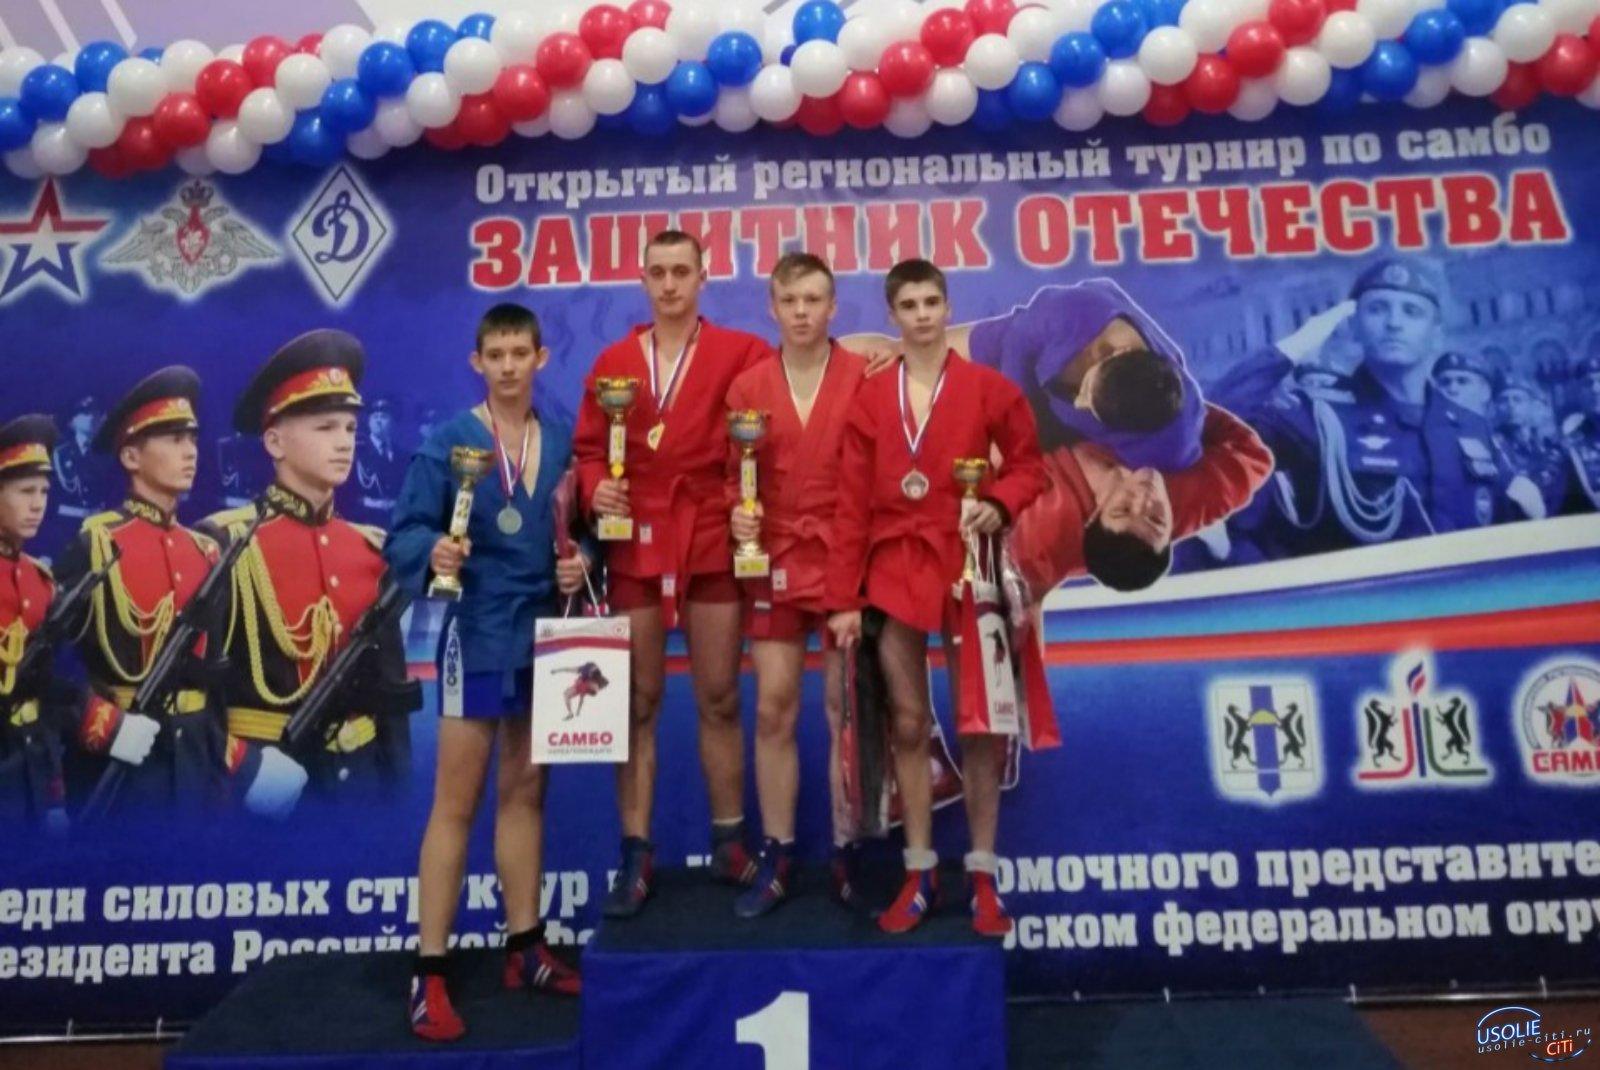 Самбисты из Усолья отличились в Новосибирске